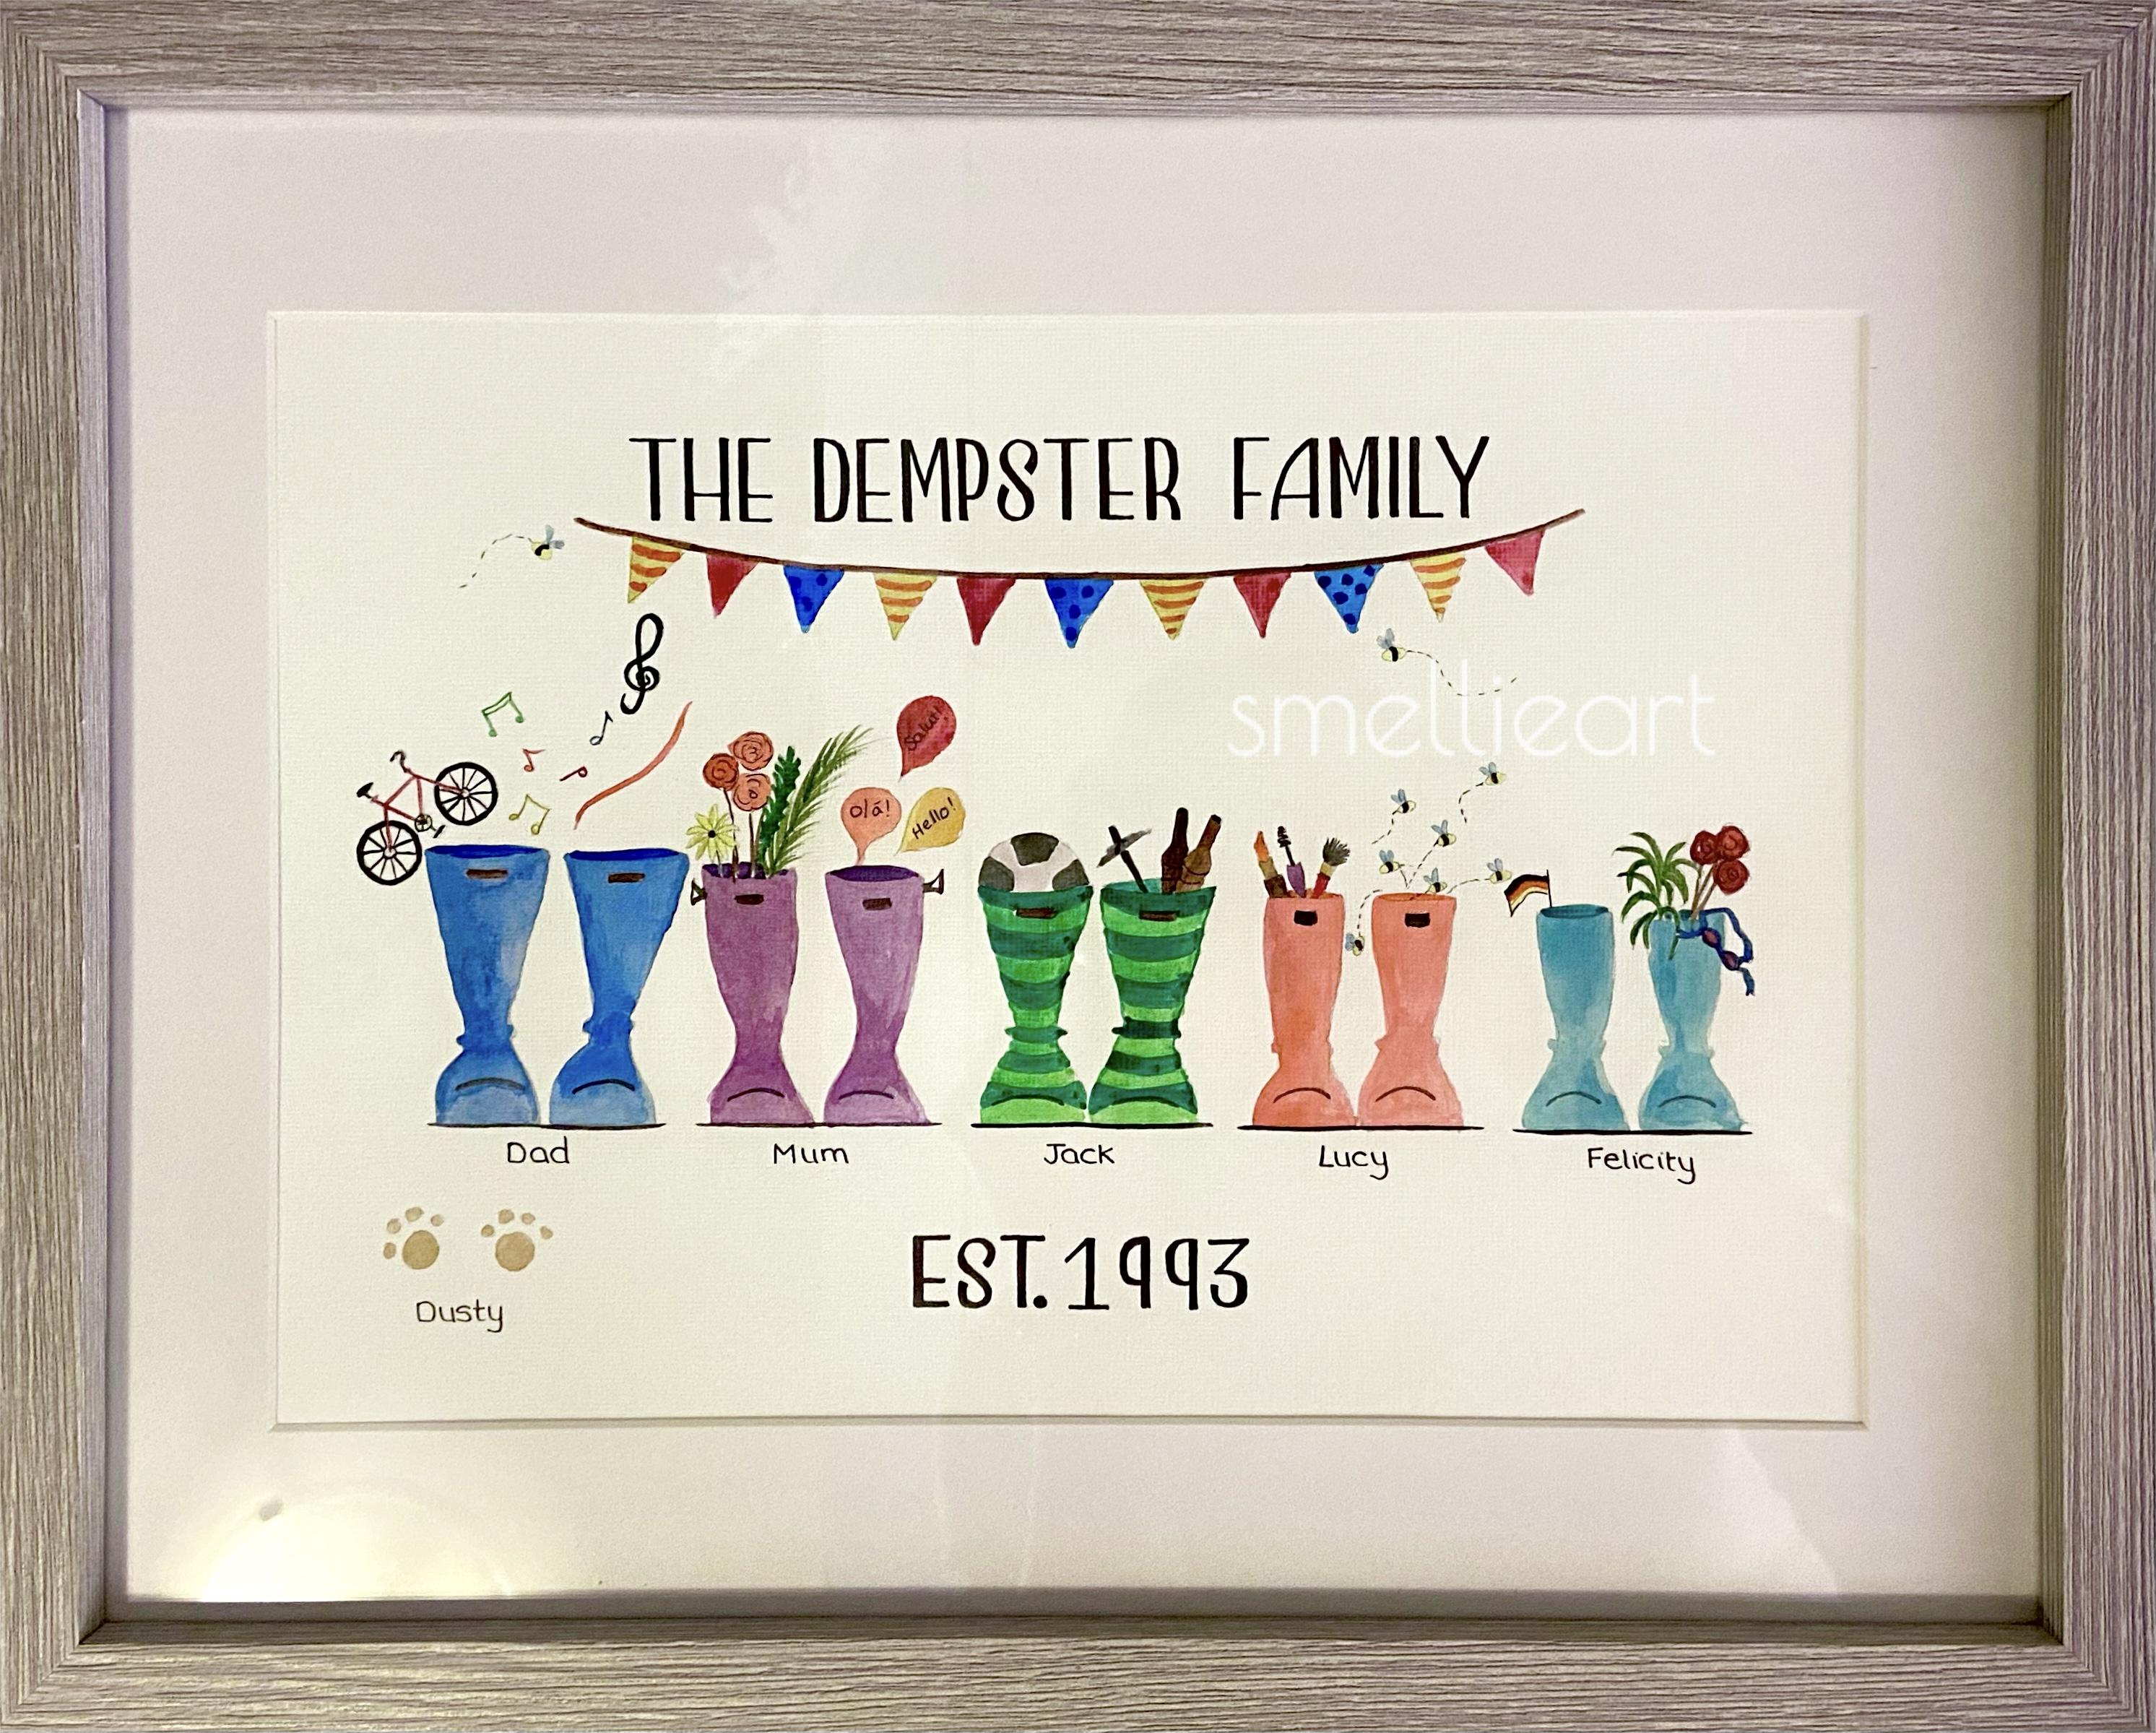 Dempster family.jpg